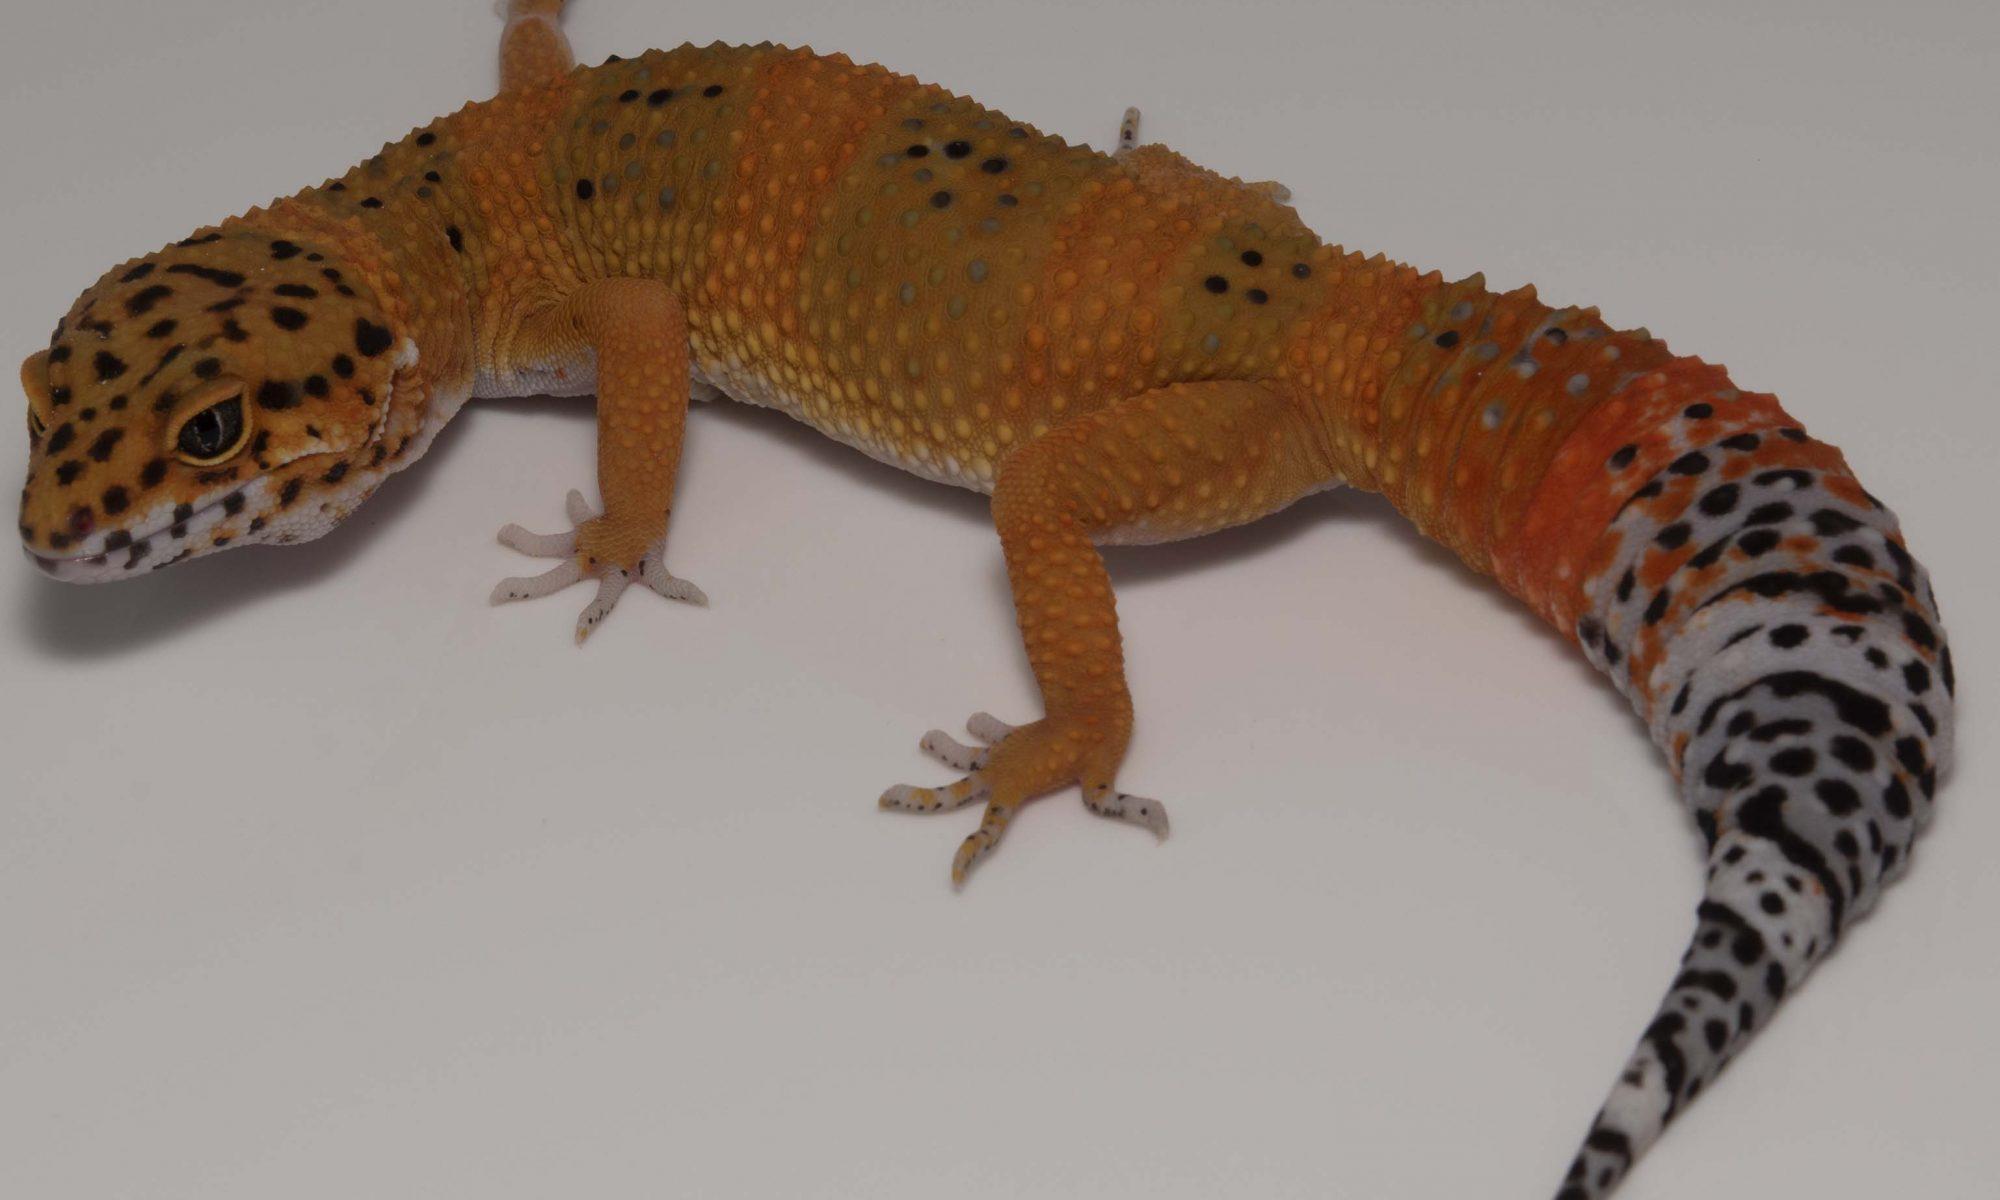 OnlineGeckos.com Gecko Breeder - Leopard Geckos For Sale ...Leopard Gecko Hatchling For Sale